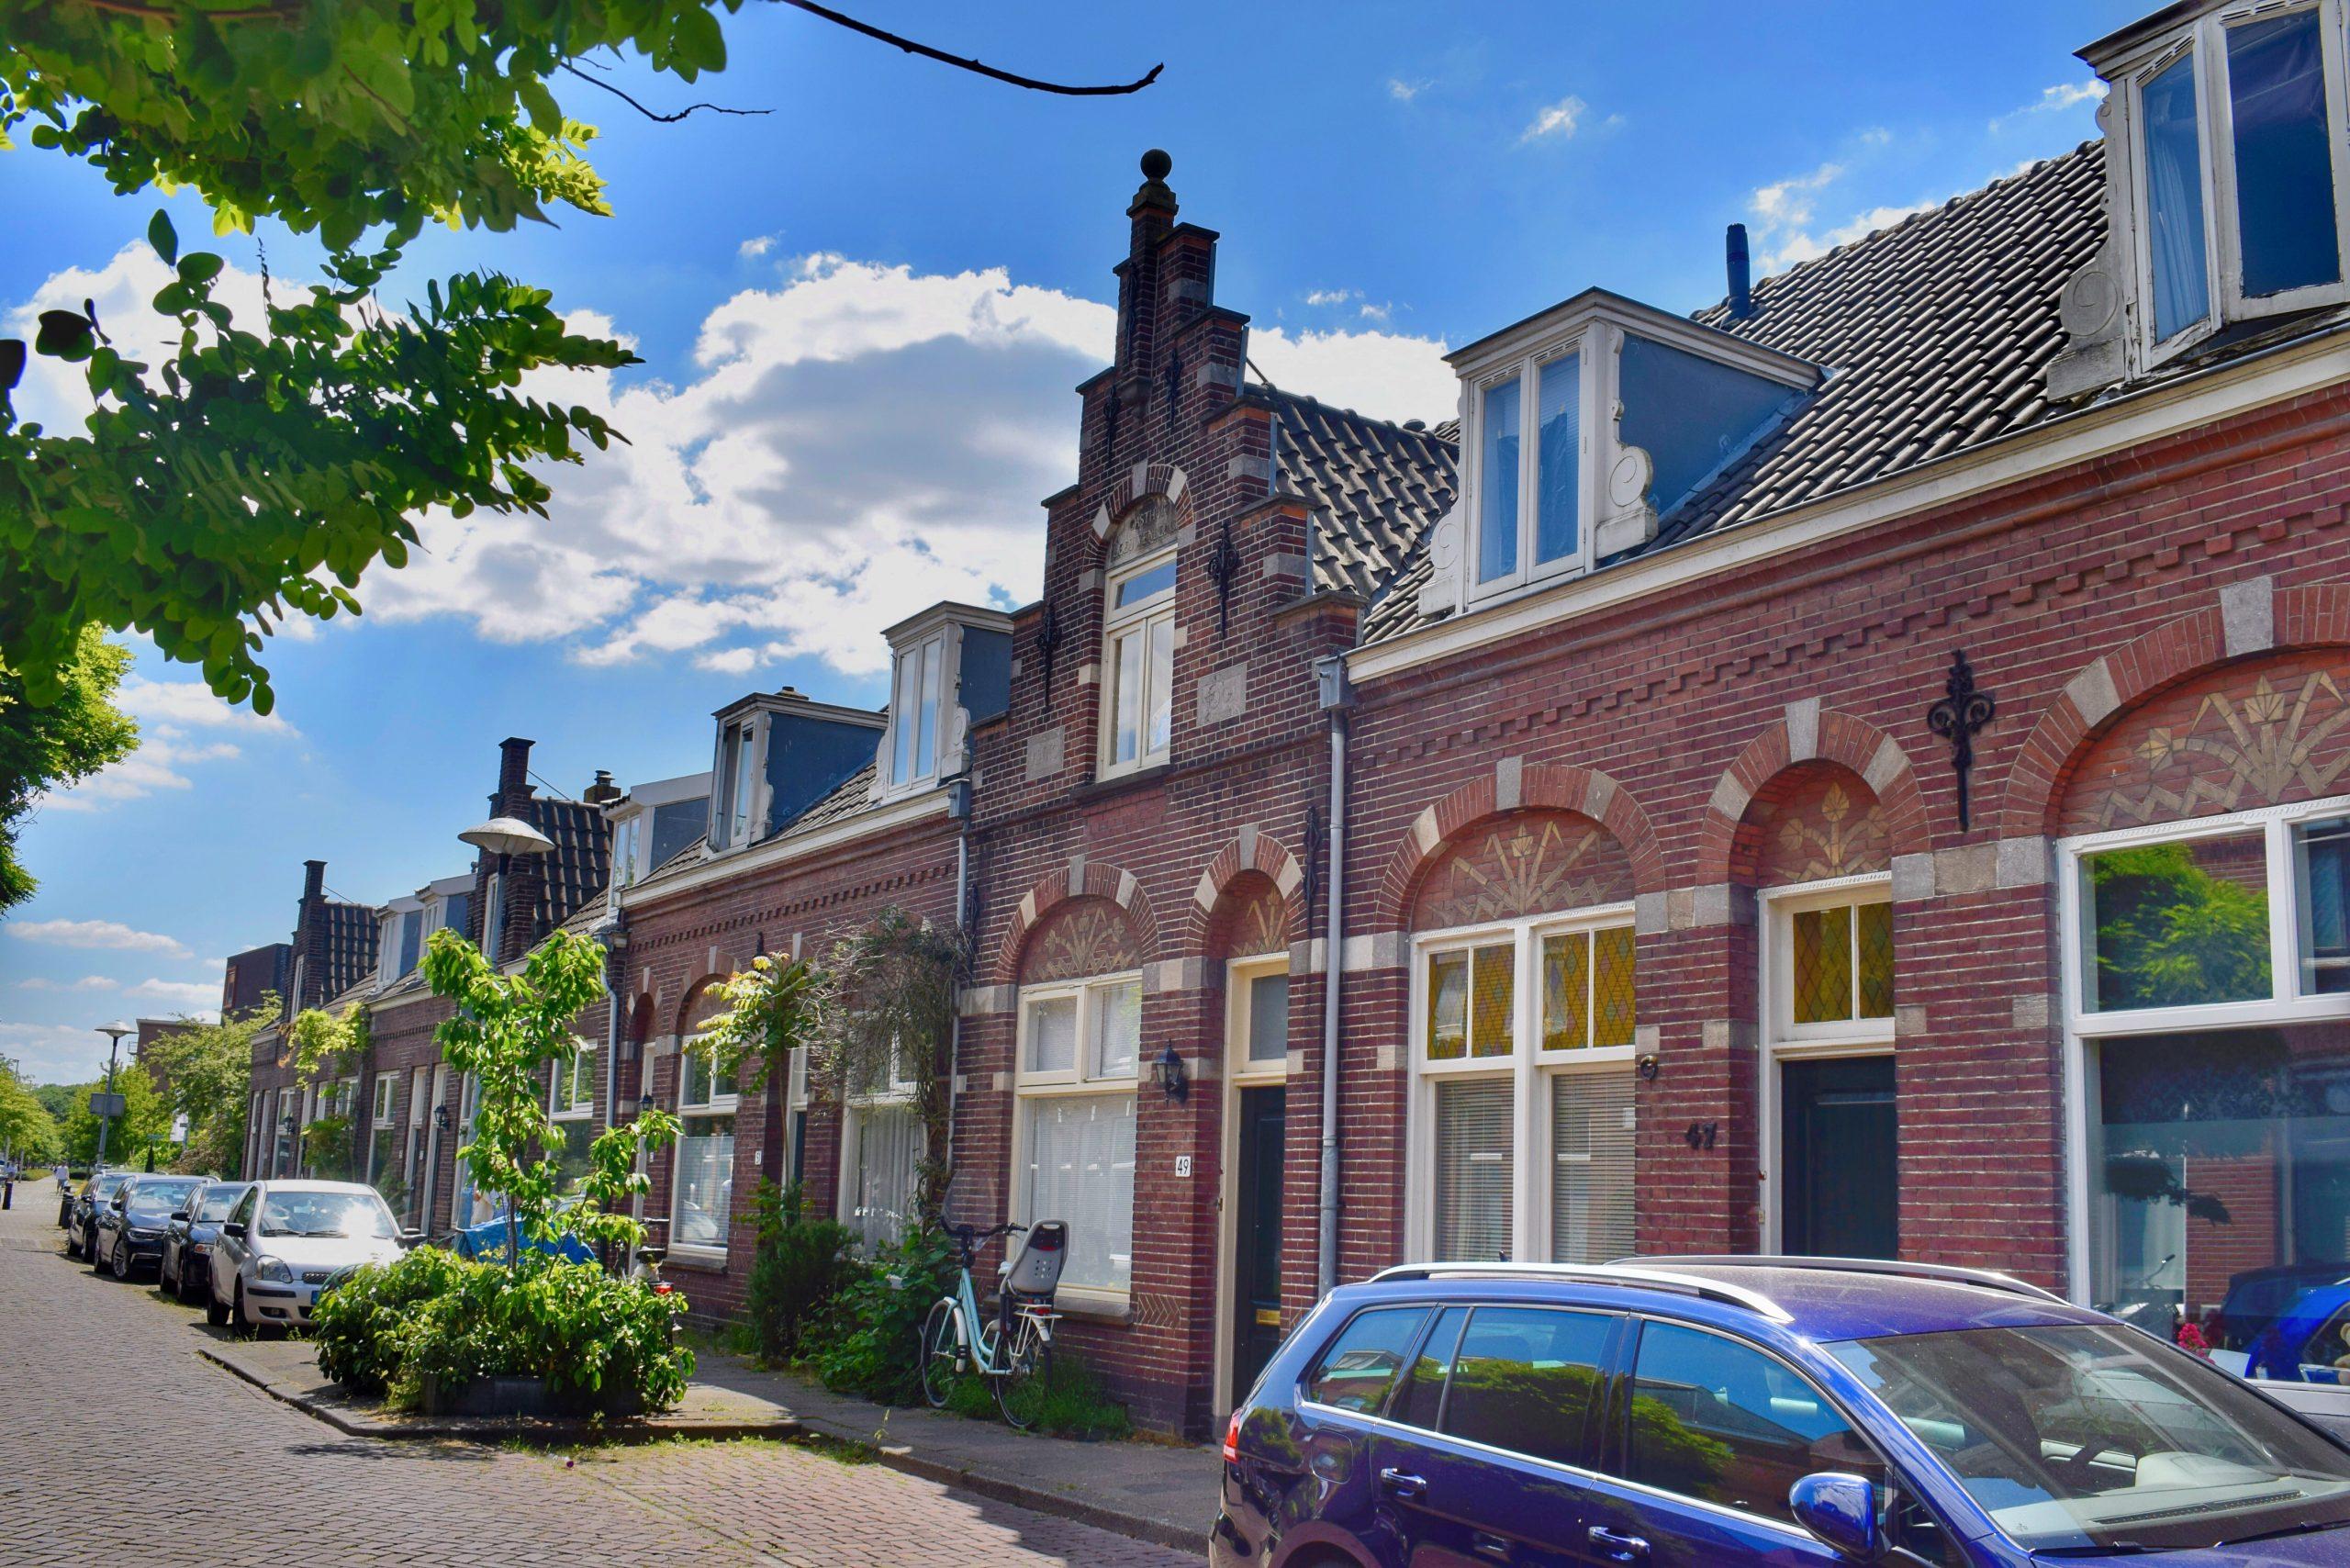 Fietsroute langs bijzondere arbeiderswijken in Utrecht